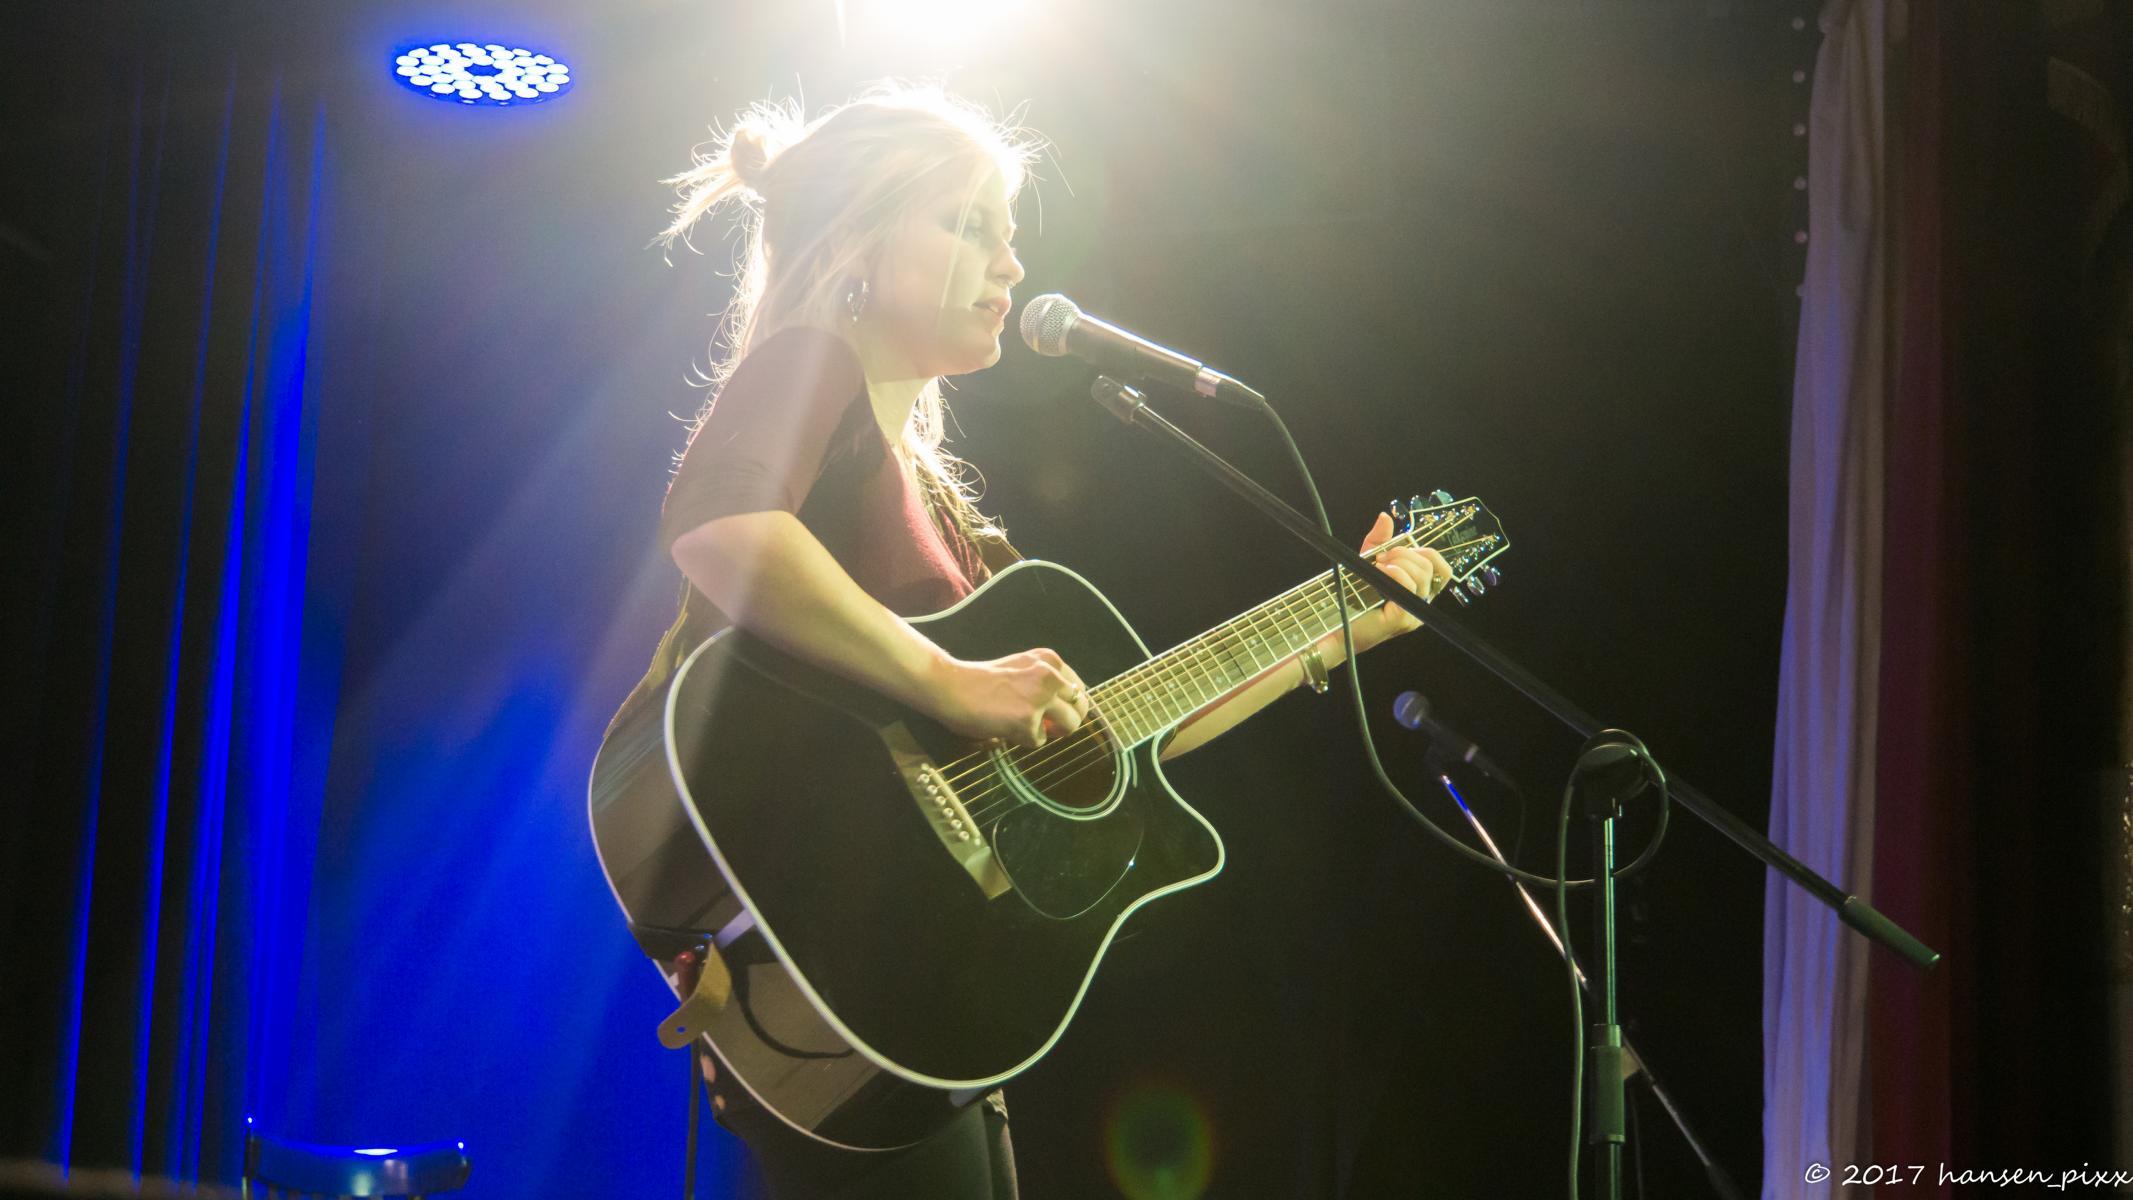 Aynie im Licht: sie hat den MuSoC #open 40 gewonnen und eröffnet dementsprechend den 41. Abend mit ihren wunderbaren Songs.